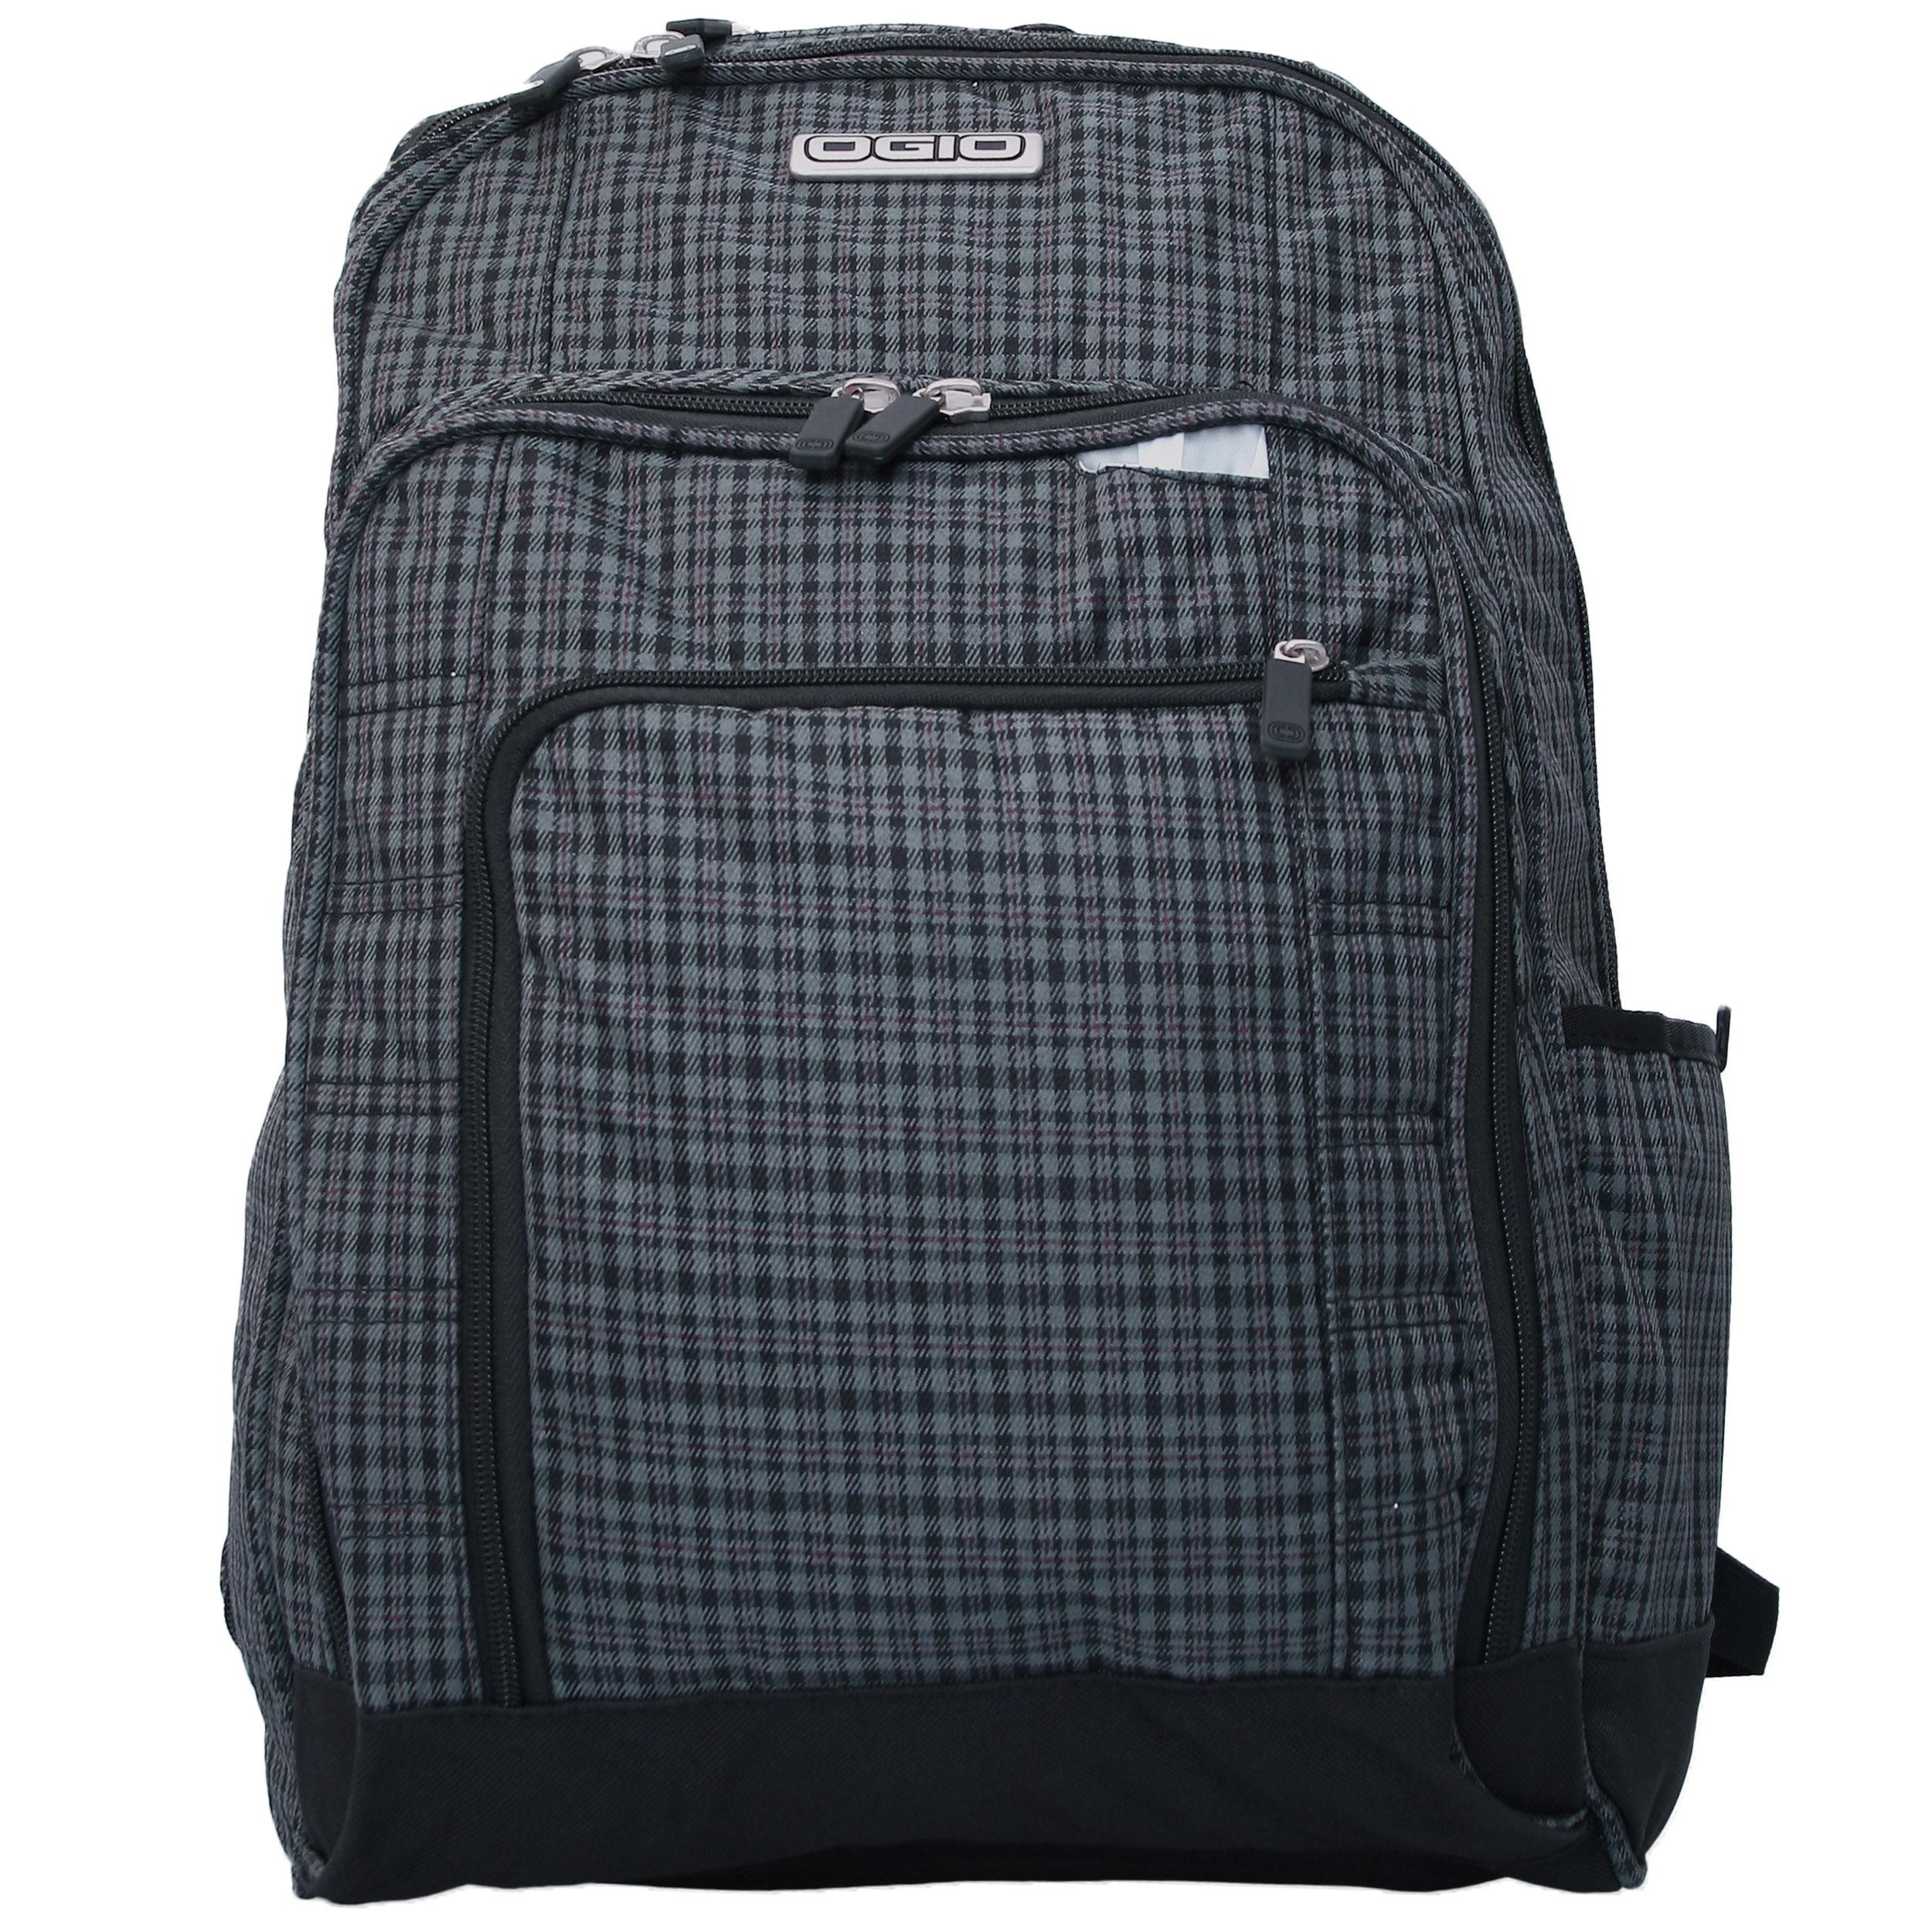 کوله پشتی لپ تاپ اوجیو مدل HERMIT WALLACE 25 مناسب برای لپ تاپ 15 اینچی